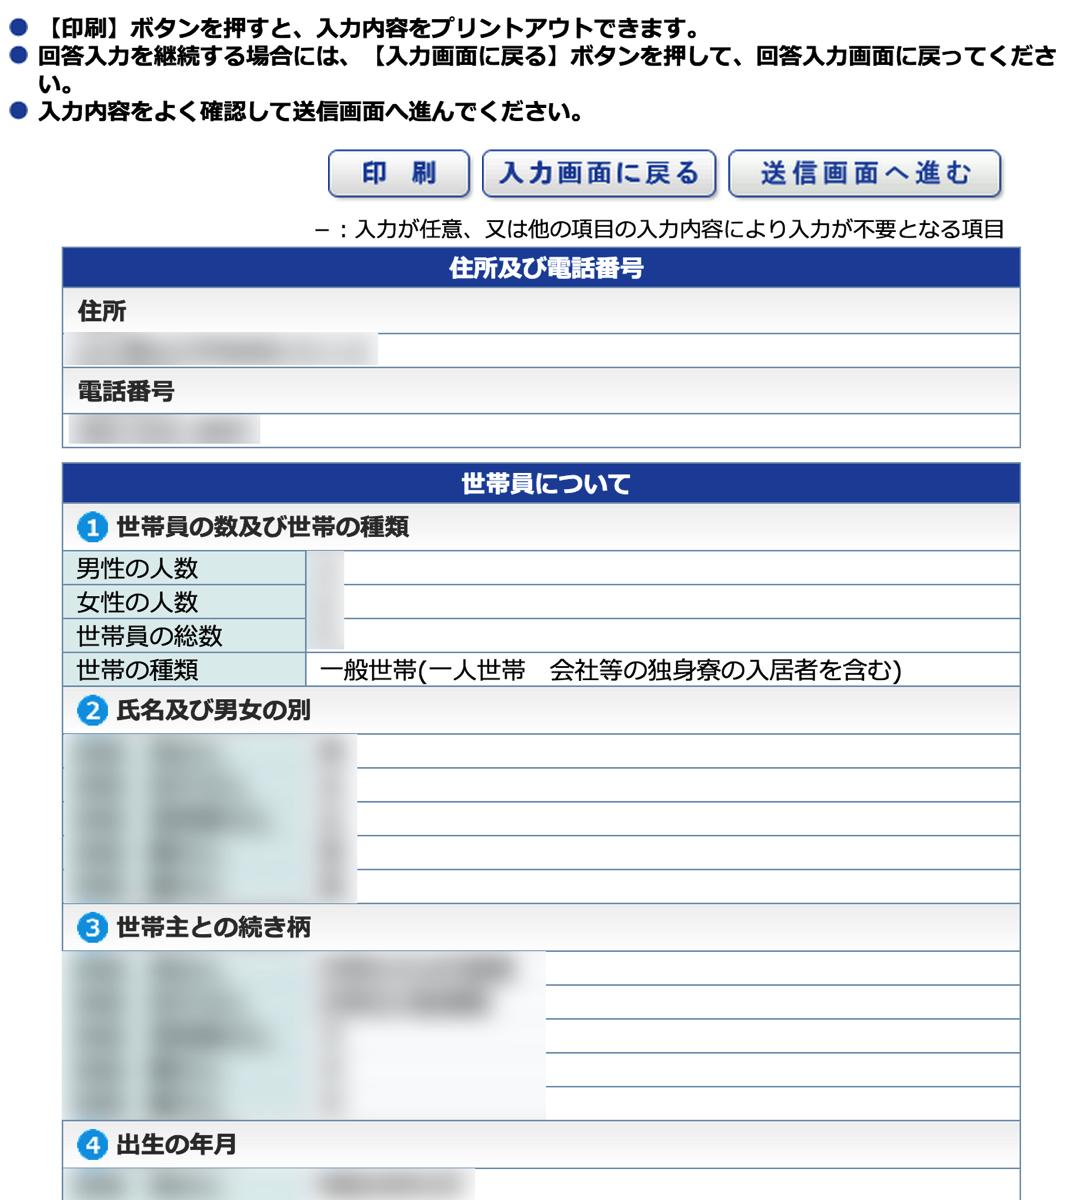 国勢調査-11